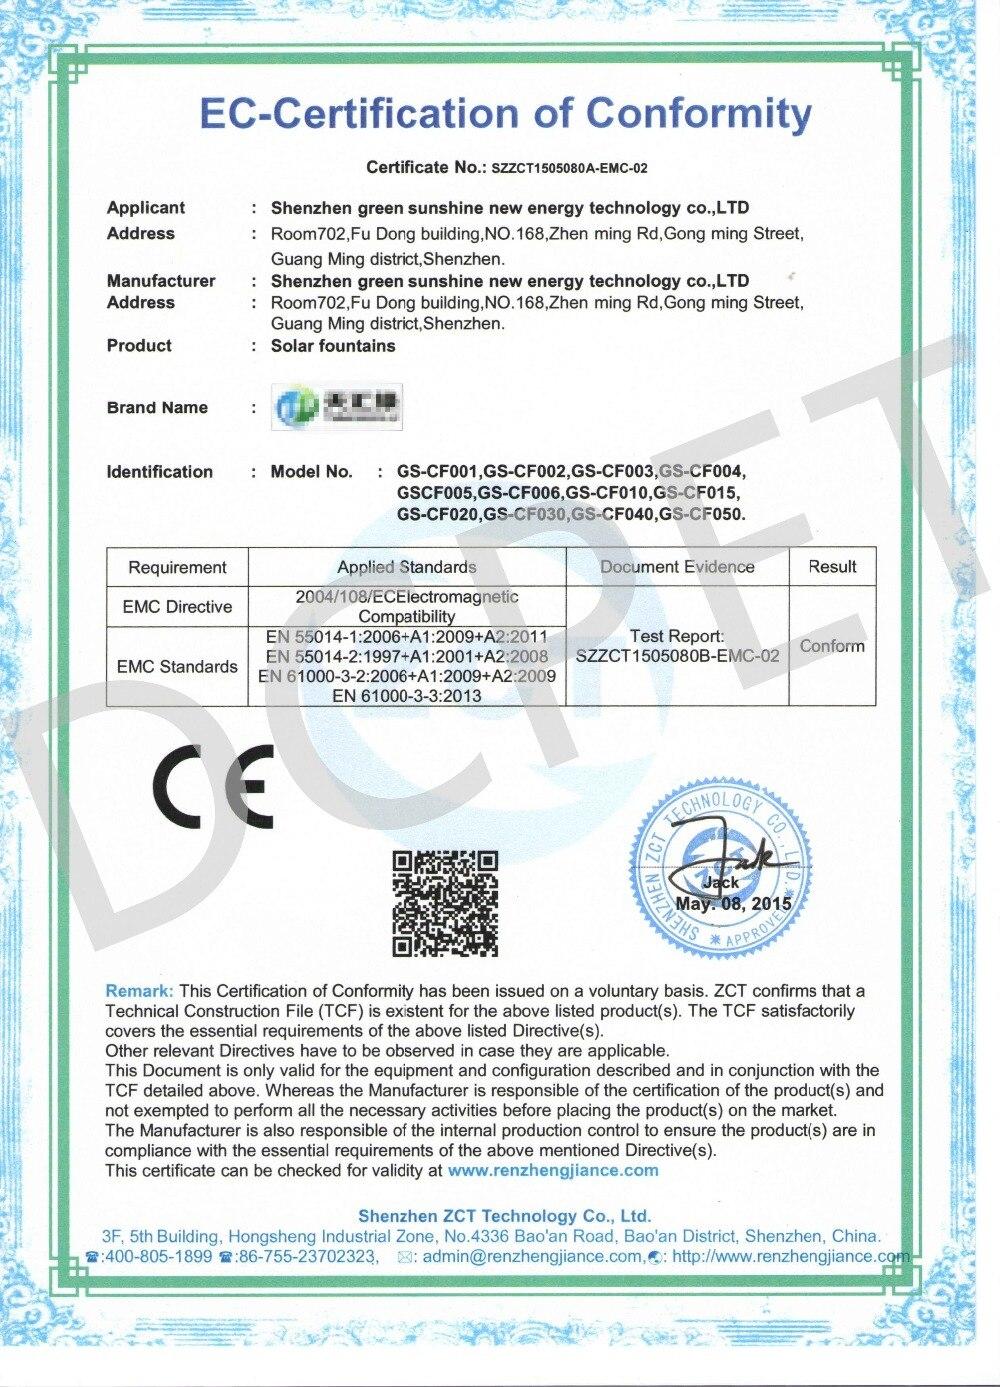 CE-水印-上传速卖通